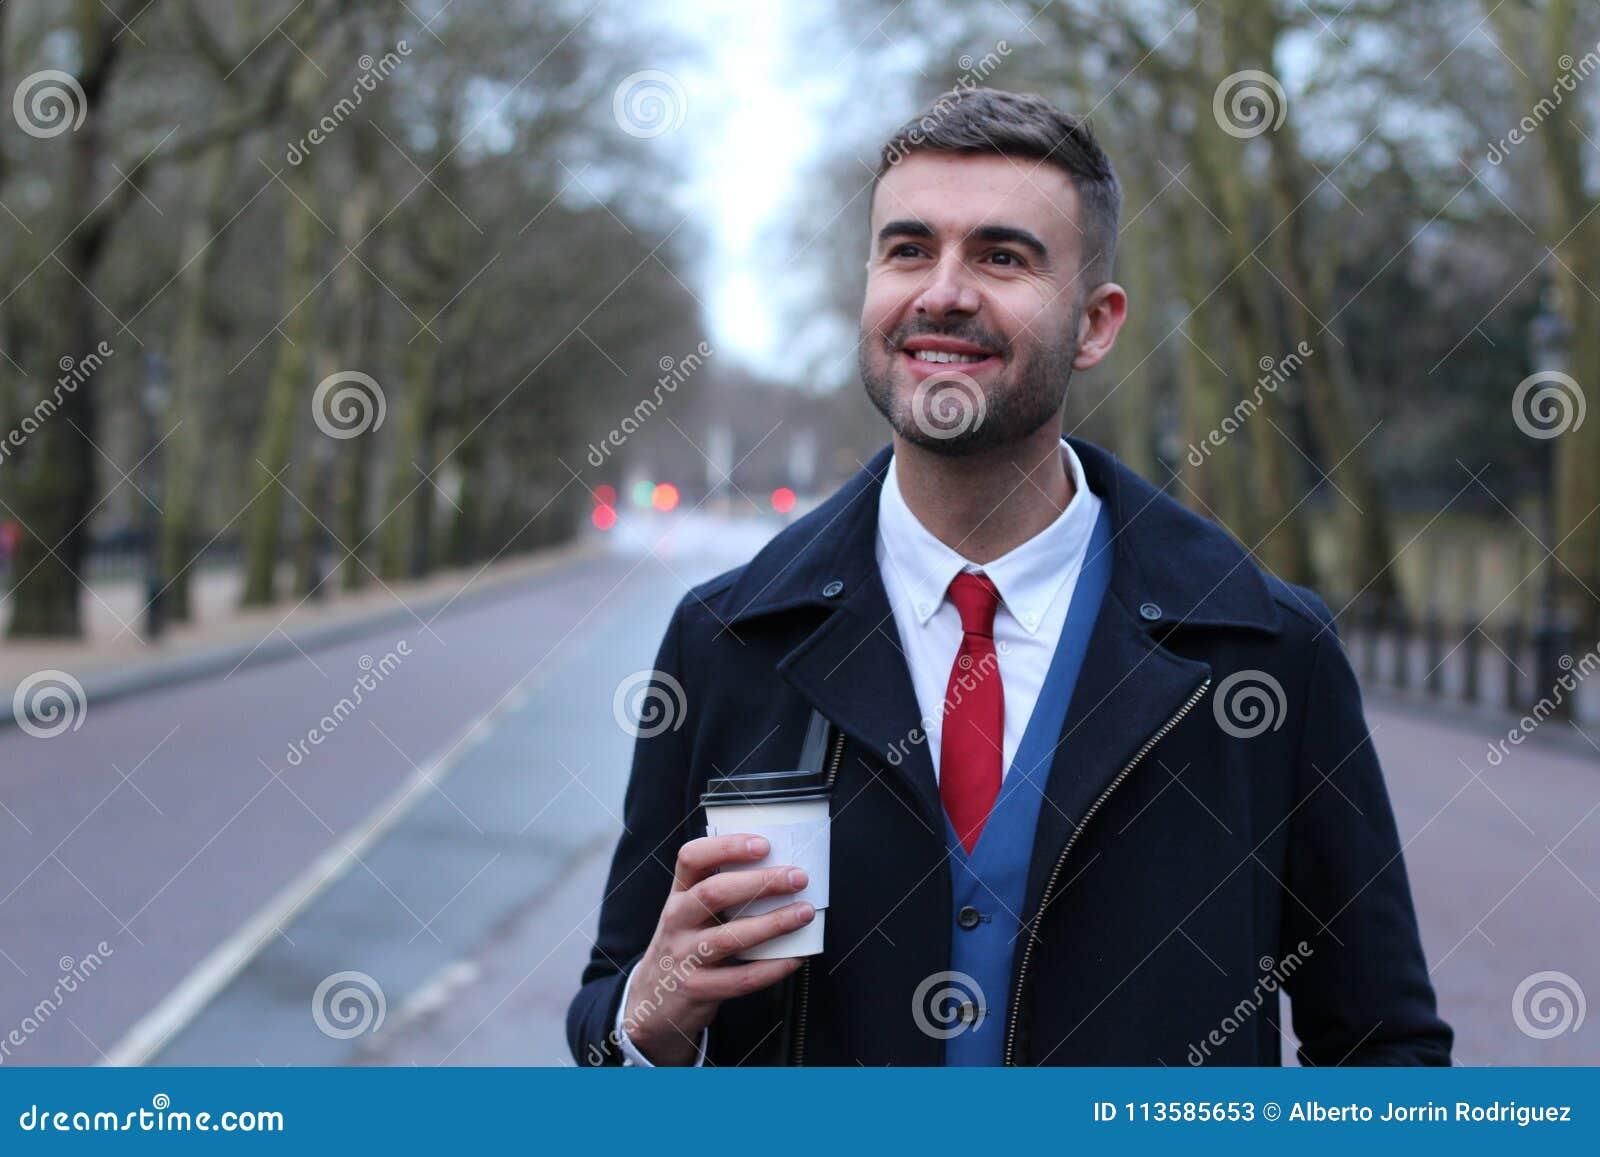 Take Break Coffeebreak : Businessman taking a coffee break stock image image of drink